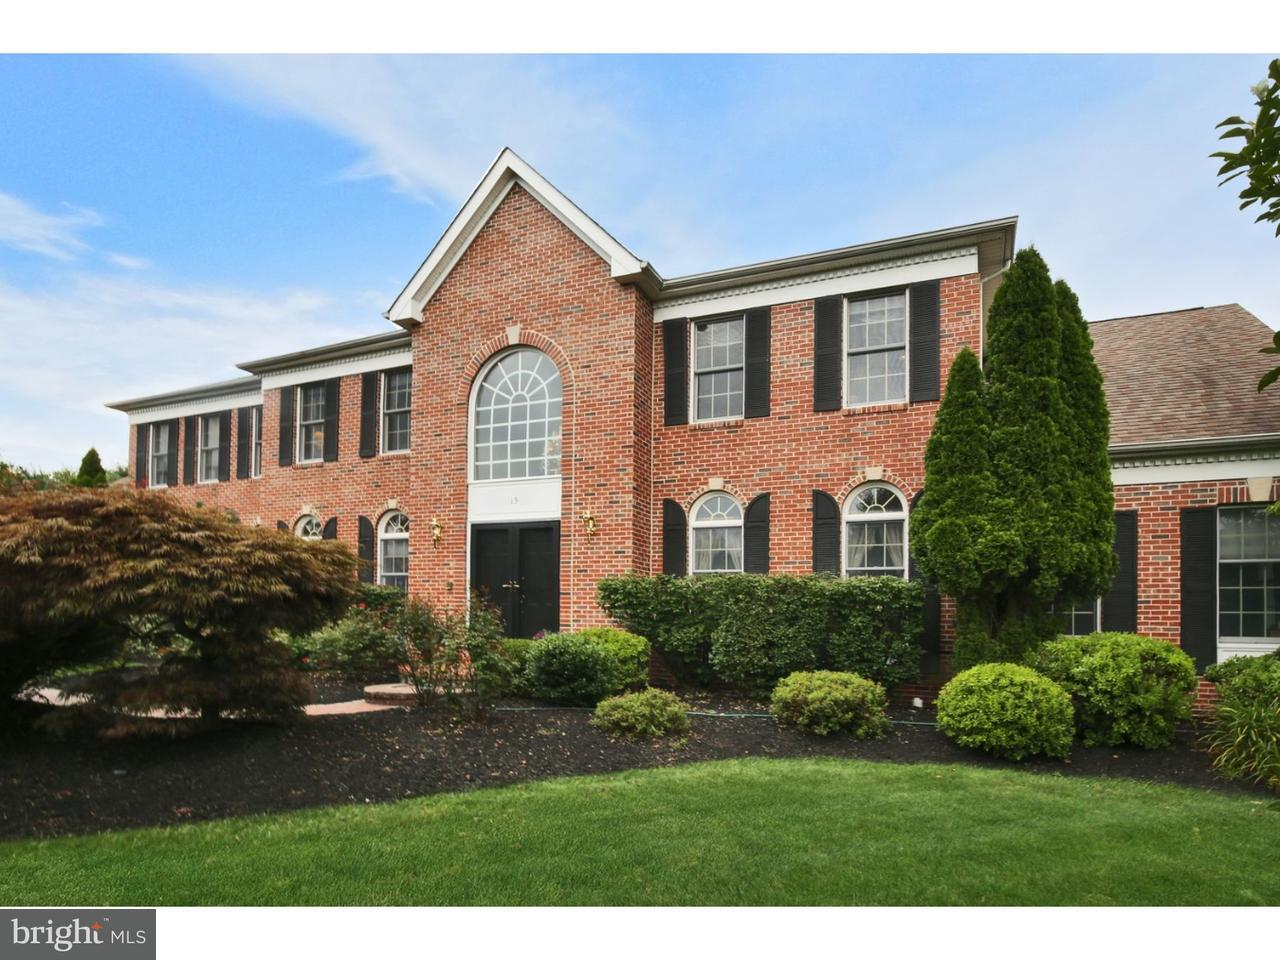 Частный односемейный дом для того Продажа на 15 GREEN MEADOW Road Skillman, Нью-Джерси 08558 Соединенные ШтатыВ/Около: Montgomery Township